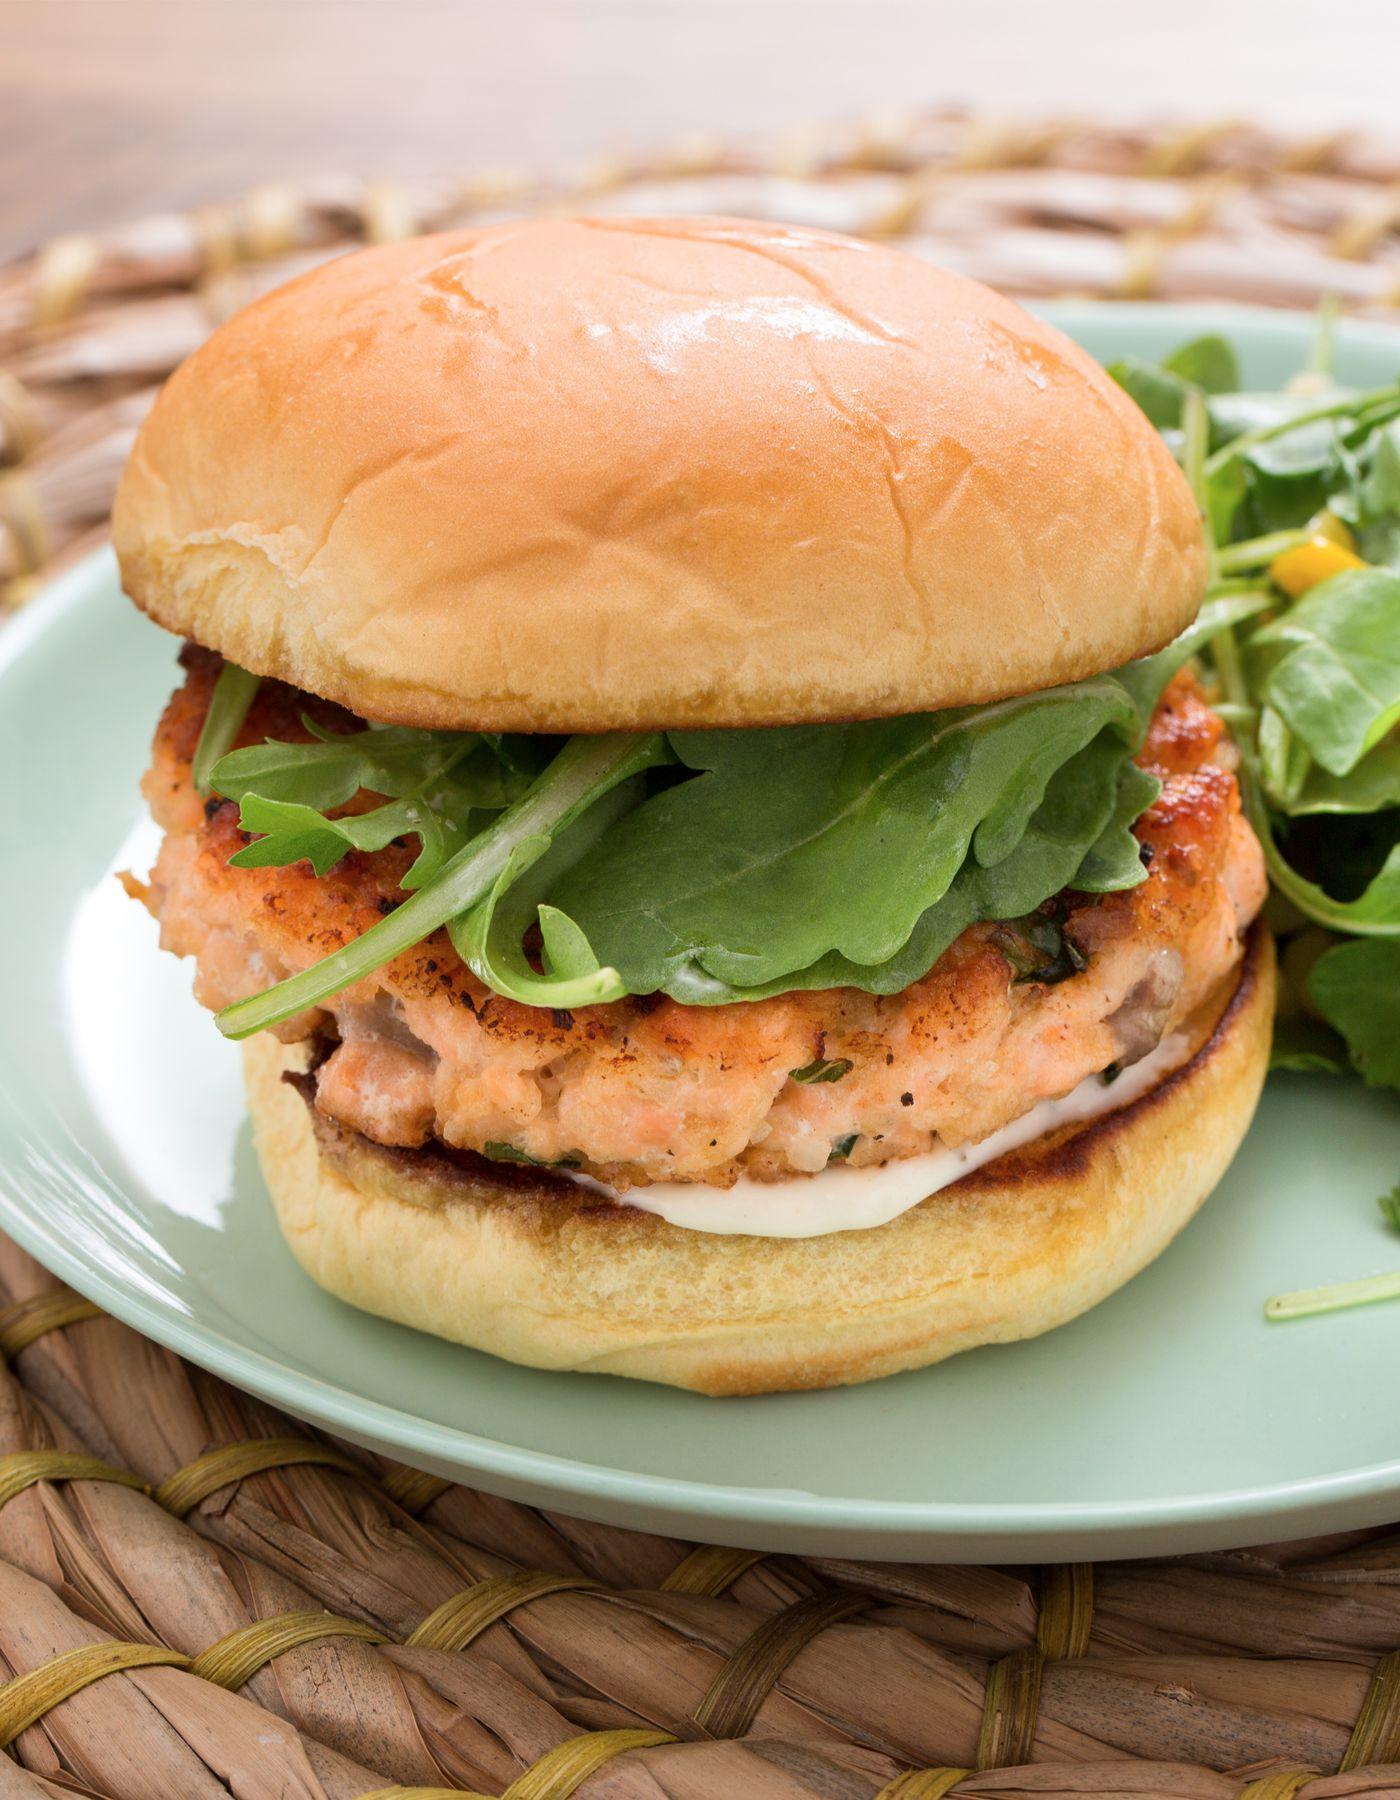 Blue apron burger recipe - Ba Recipes Blue Apron Recipes Recipes Mains Drinks Recipes Fish Recipes Seafood Recipes Corn Arugula Arugula Fresh Arugula Salad